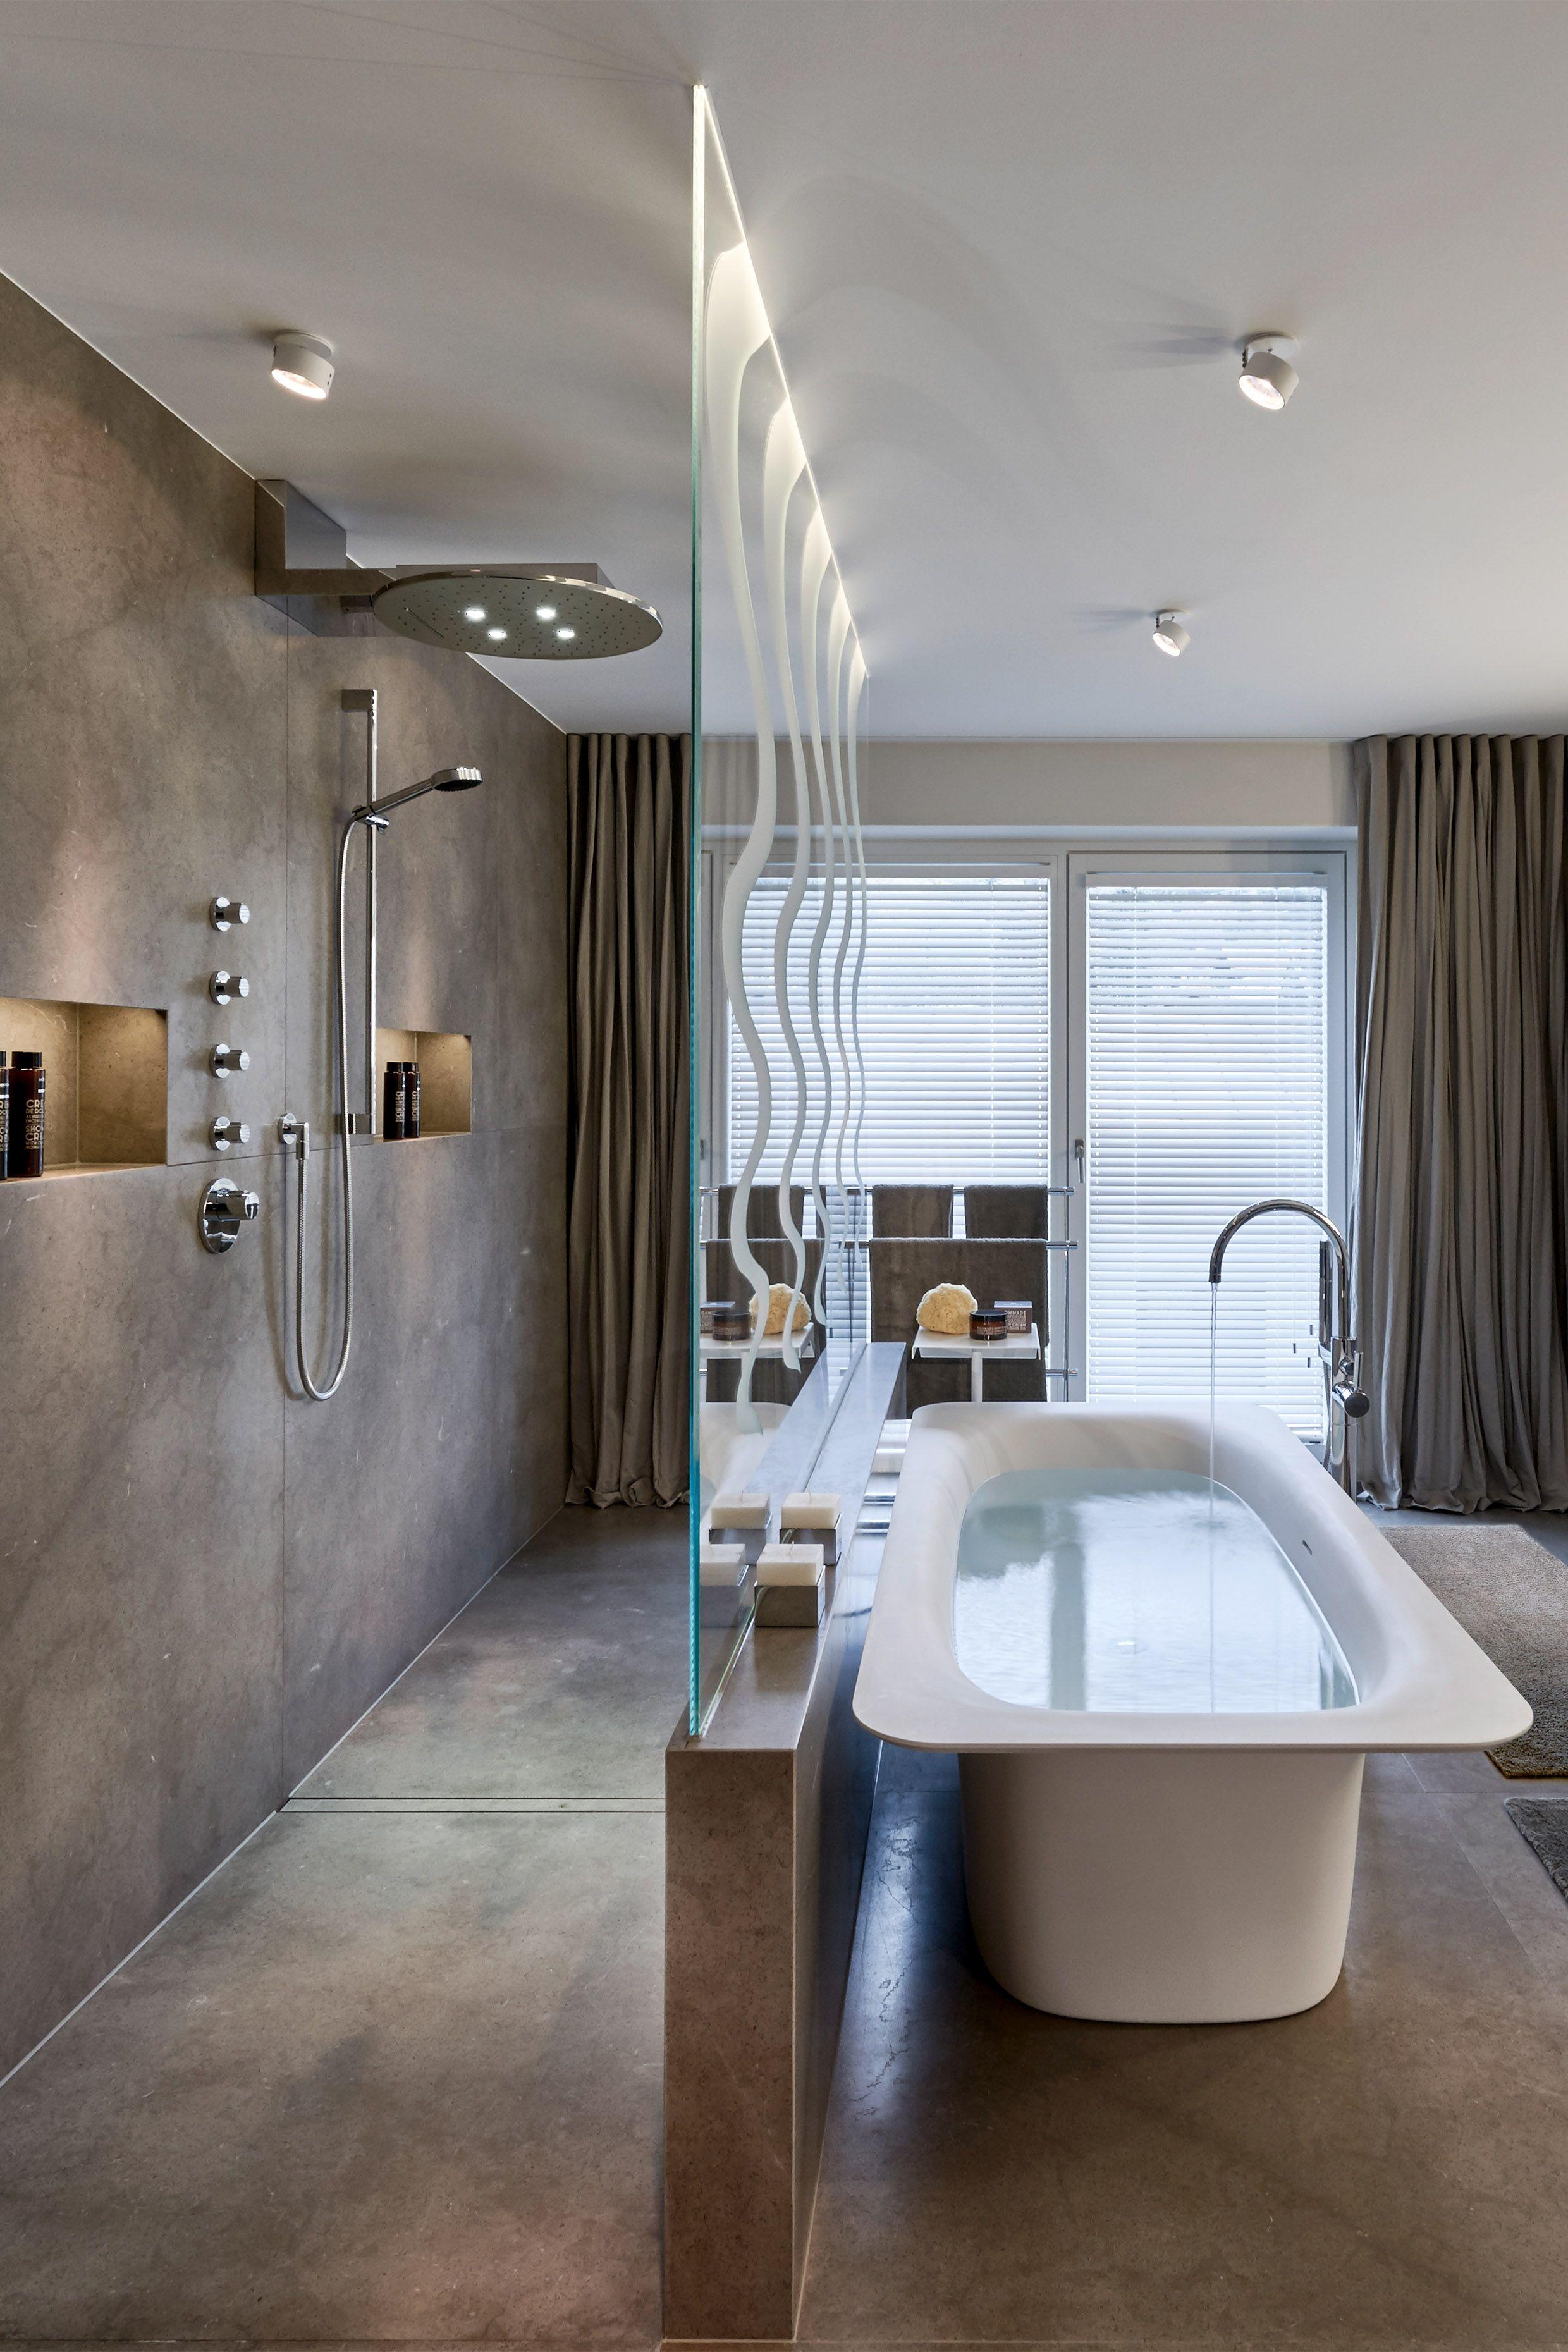 Inspirieren Lassen Auf Badezimmer Com Modernes Badezimmerdesign Badezimmer Design Modernes Badezimmer